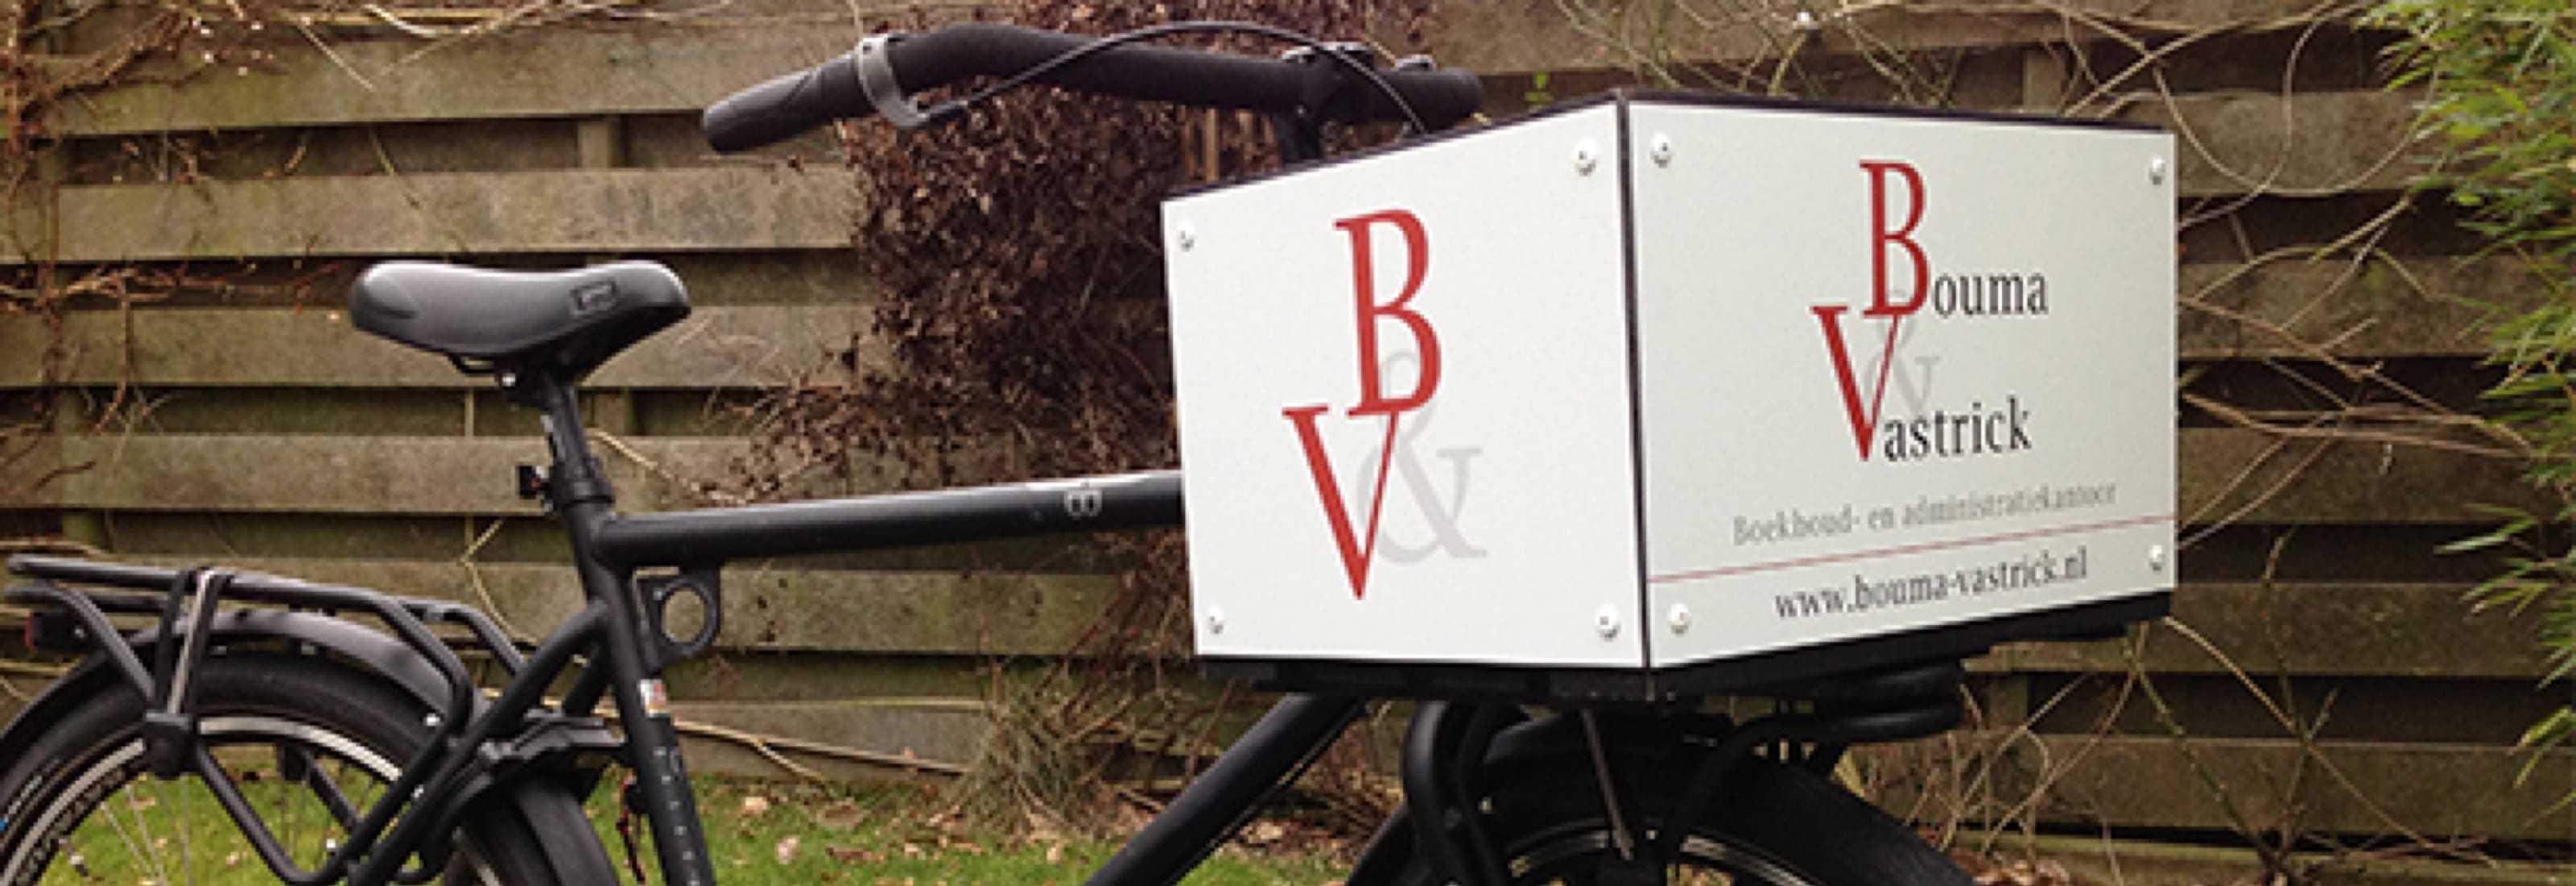 Bouma & Vastrick - Administratiekantoor in Leeuwarden